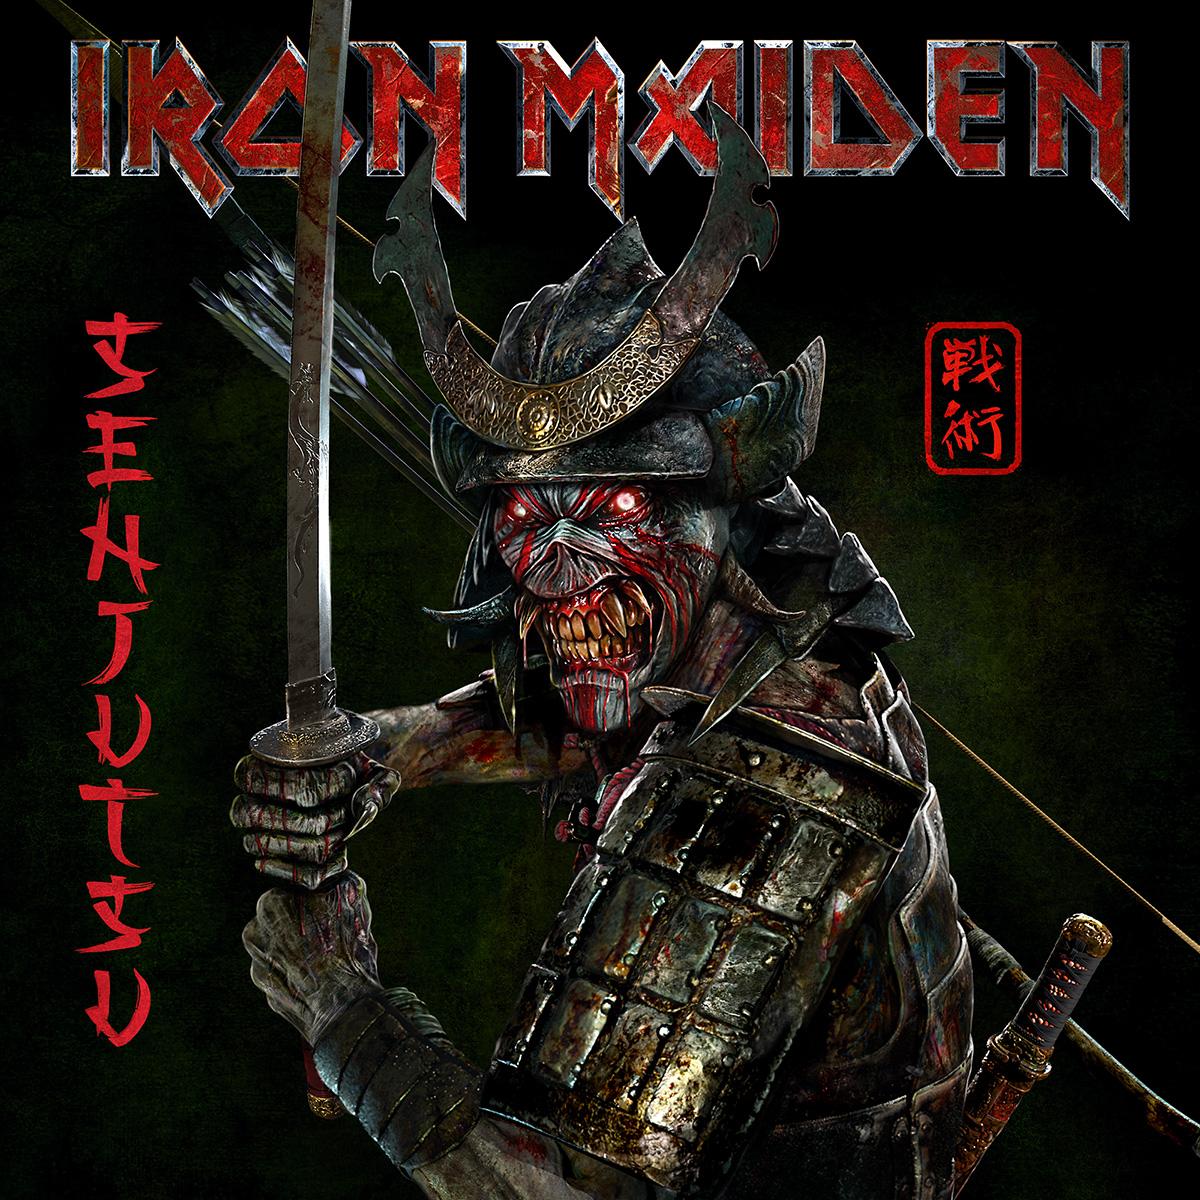 Iron Maiden, annunciato il nuovo album Senjutsu in uscita il prossimo 3  settembre. Tutti i dettagli